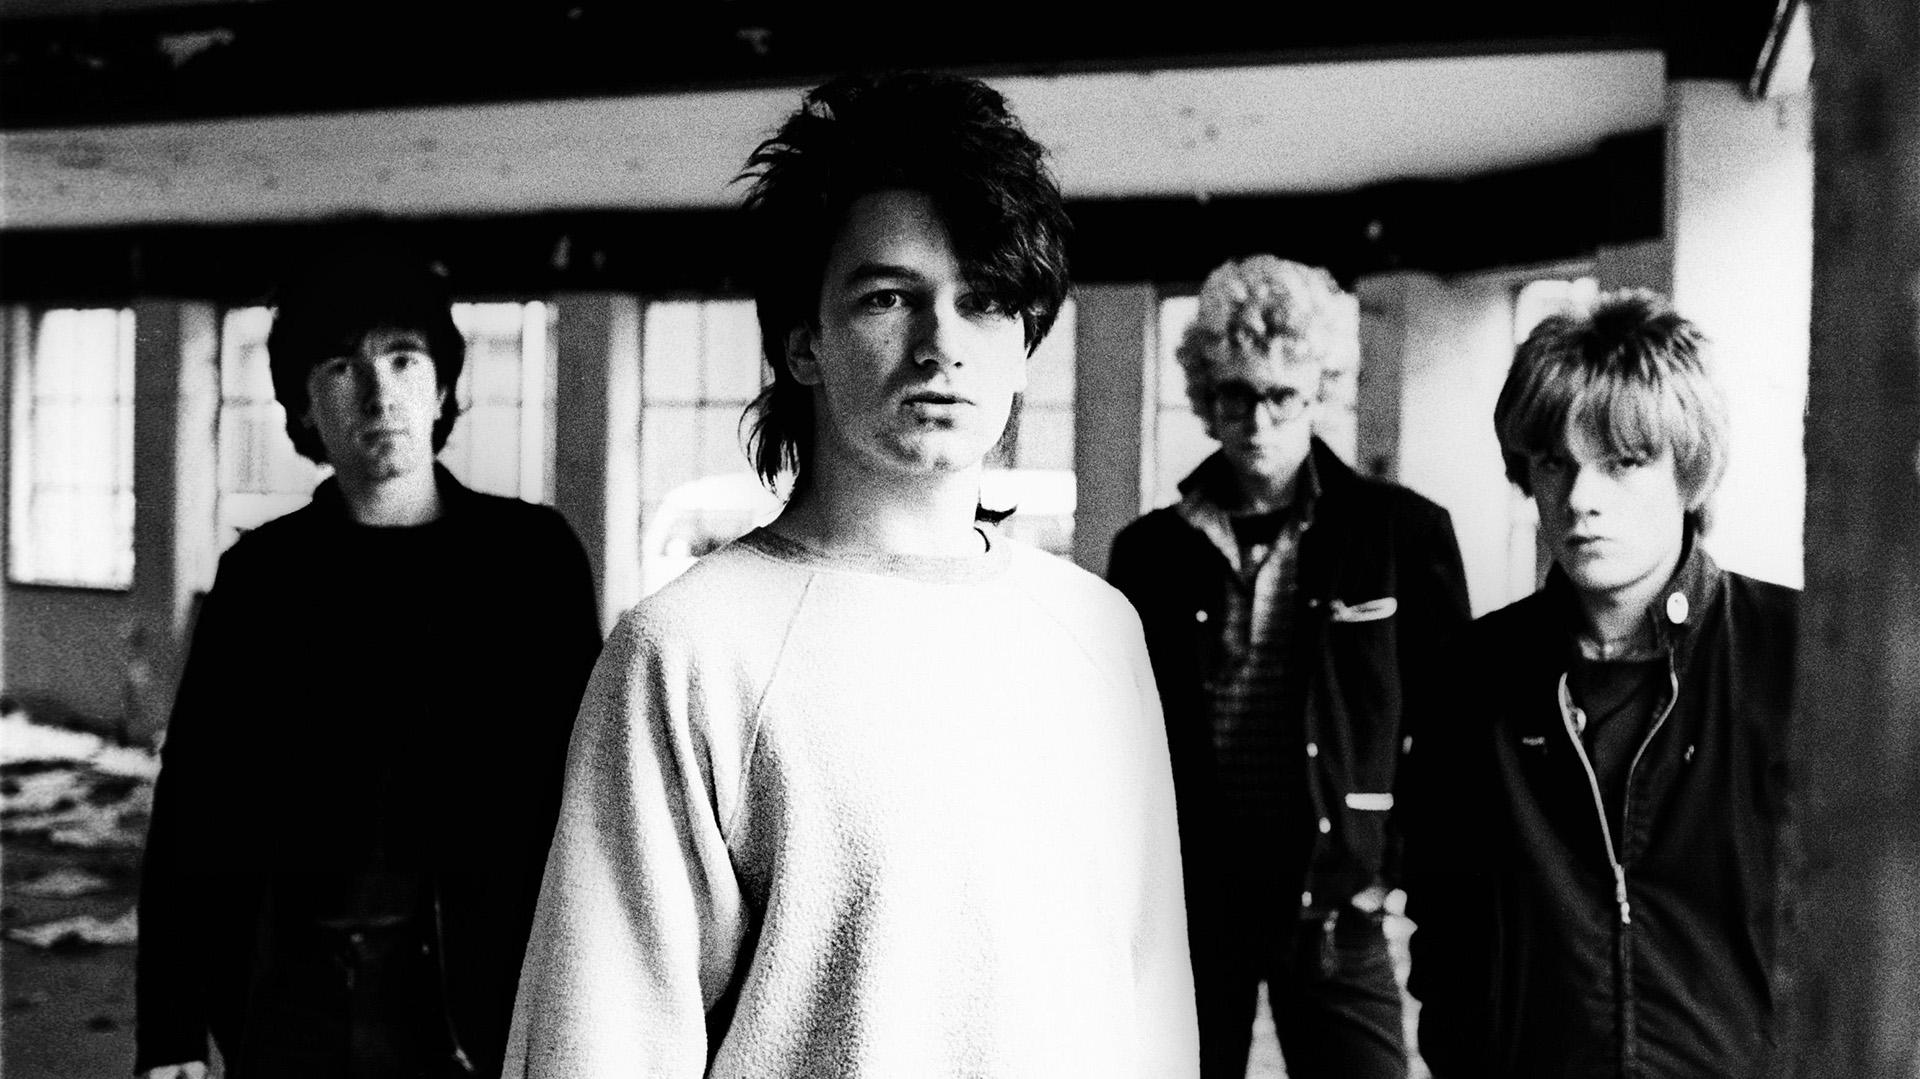 """U2 está liderada por Paul Hewson (1960), más conocido como """"Bono"""", David Evans (1961) o """"The Edge"""", Adam Clayton (1960) y Larry Mullen Jr. (1961)"""